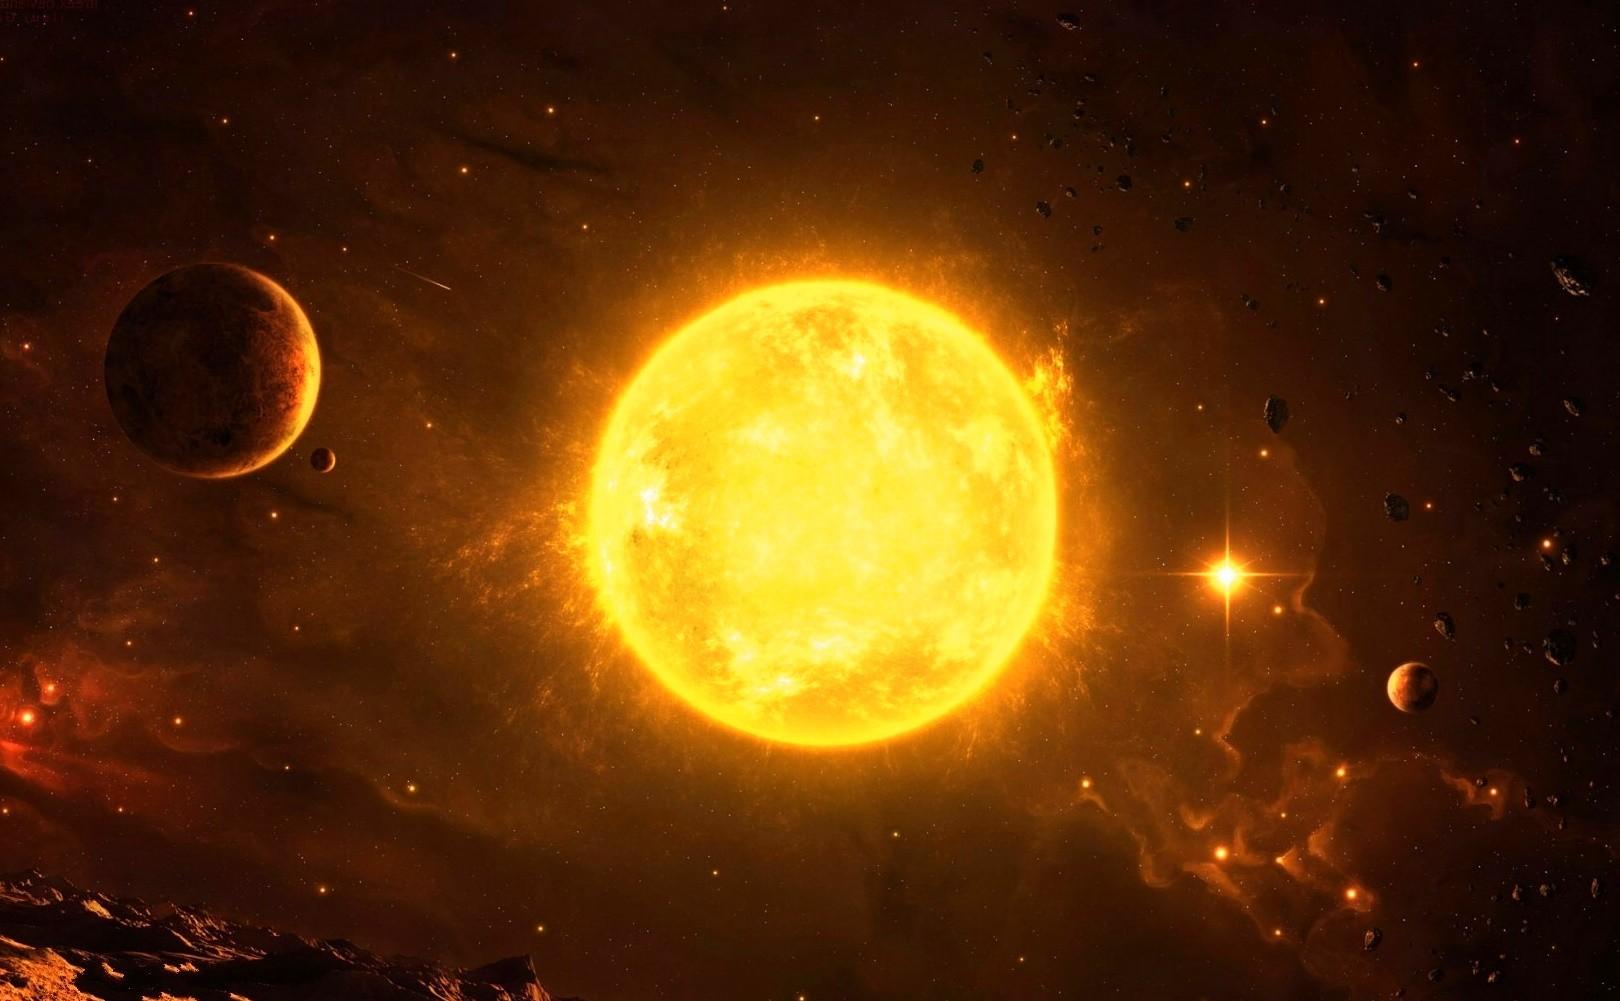 Звезды - что такое, описание, виды, характеристика, фото и видео